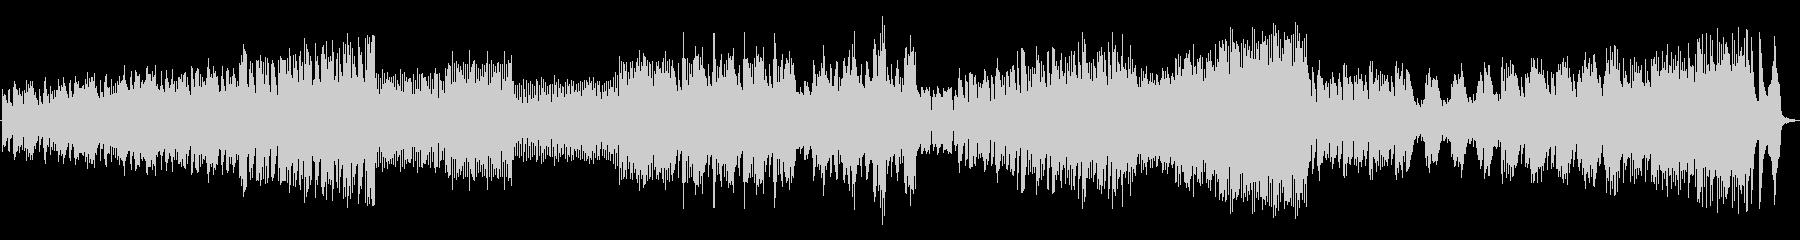 ピアノの変拍子の未再生の波形